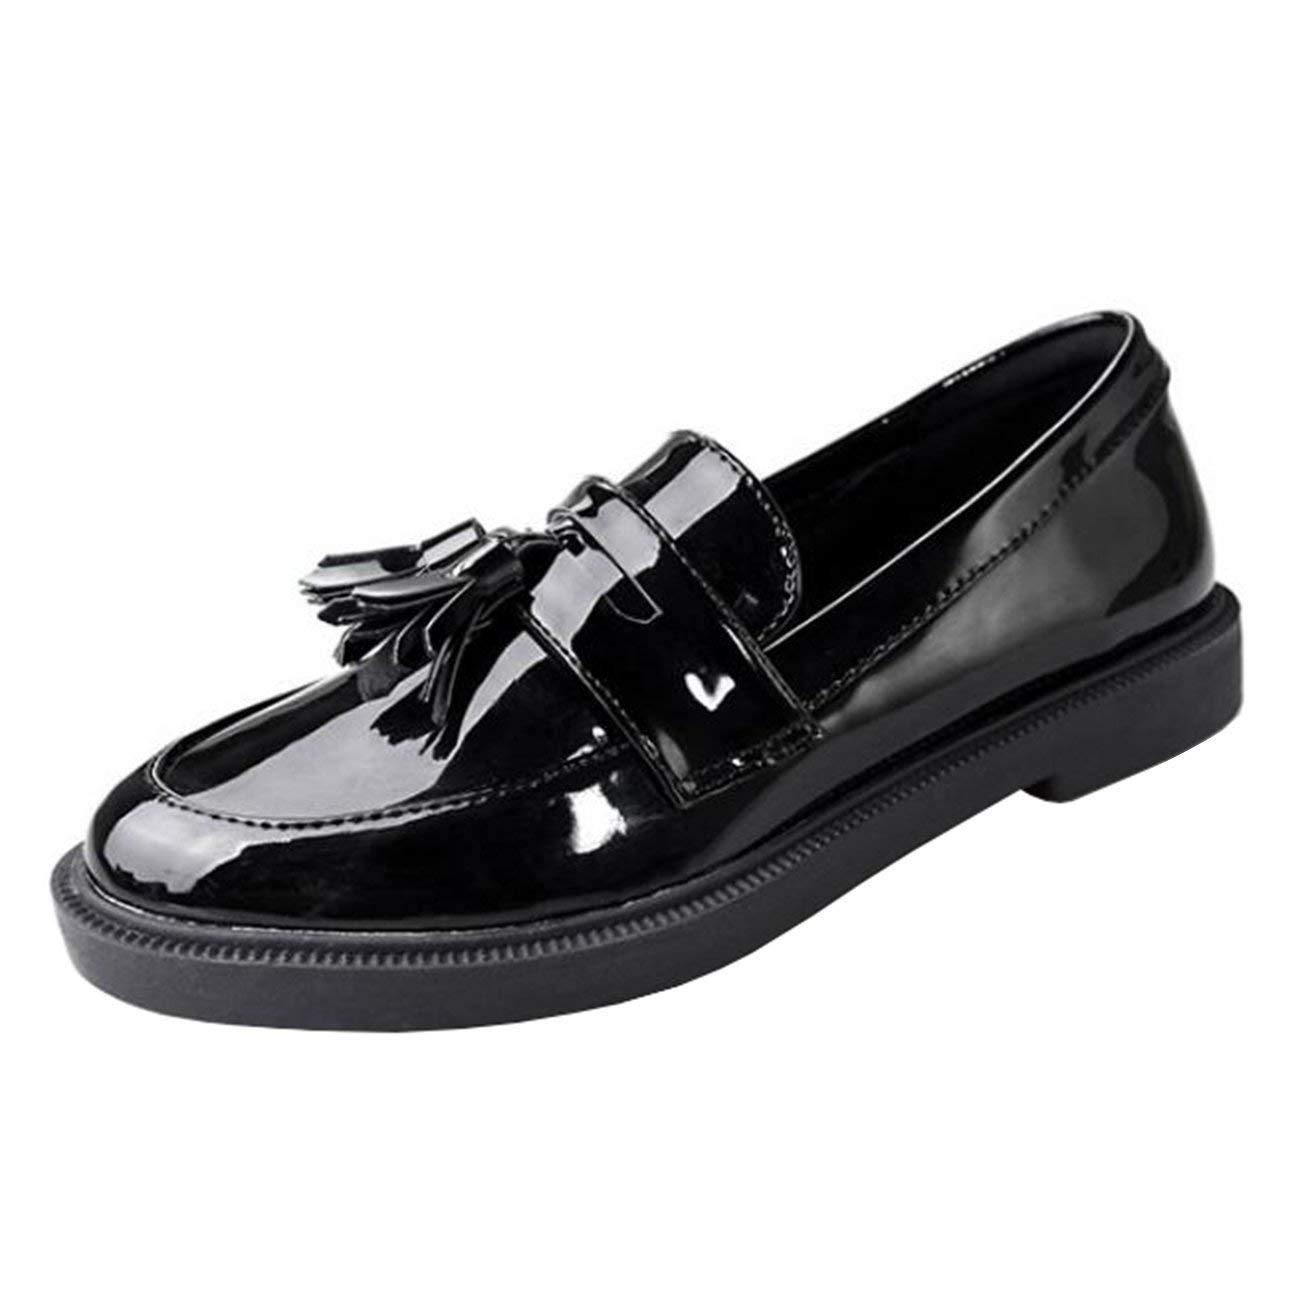 Fuxitoggo Damen Runde Toe Block-Heel Slip-On Quaste Loafers (Farbe   Schwarz Größe   7 UK)